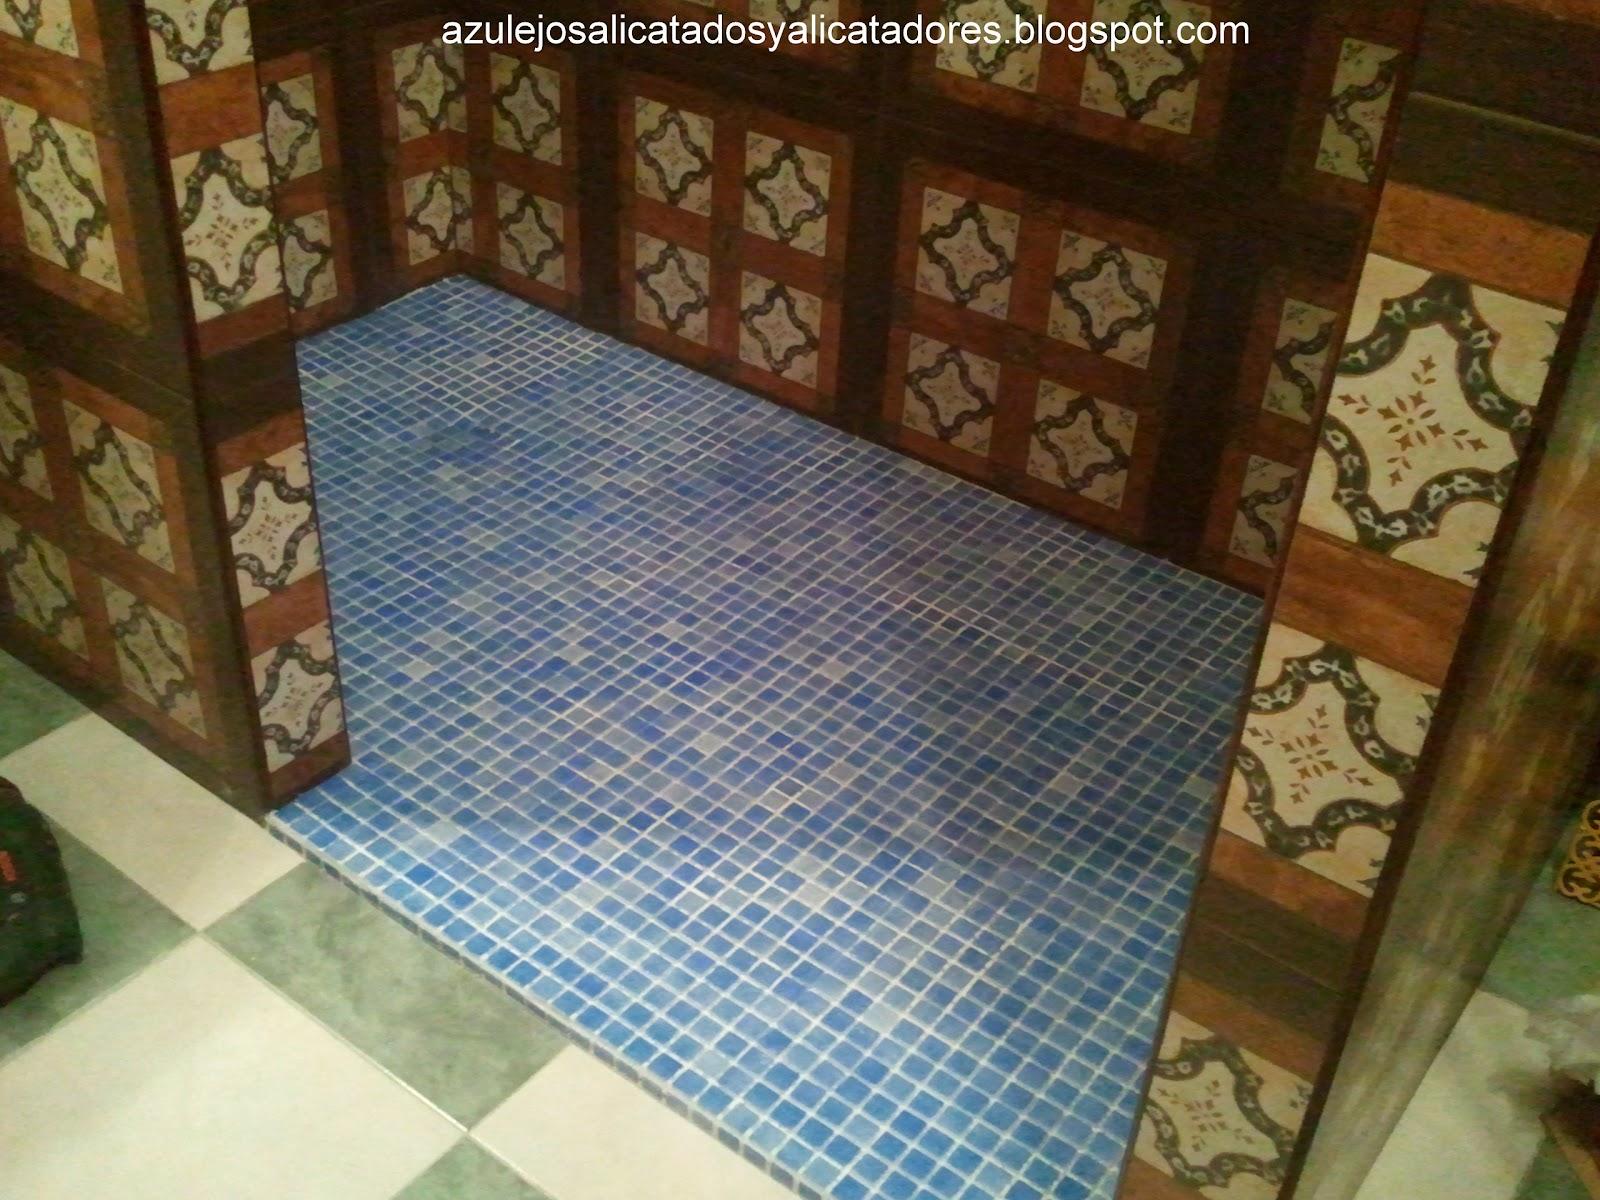 Azulejos alicatados y alicatadores ducha adaptada a - Suelo antideslizante ducha ...